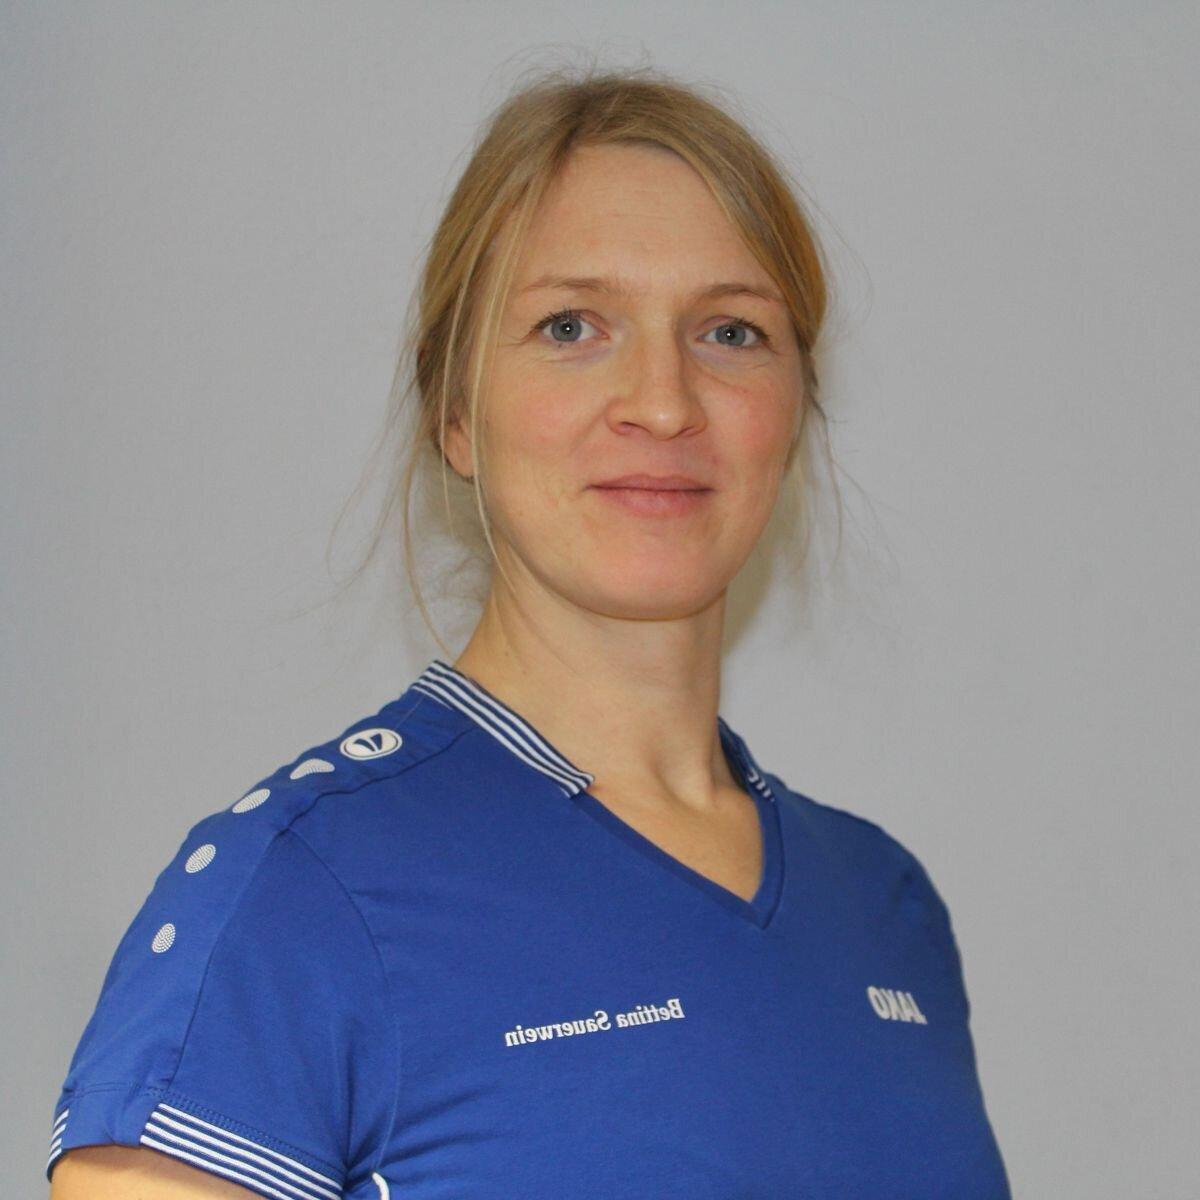 Bettina Sauerwein